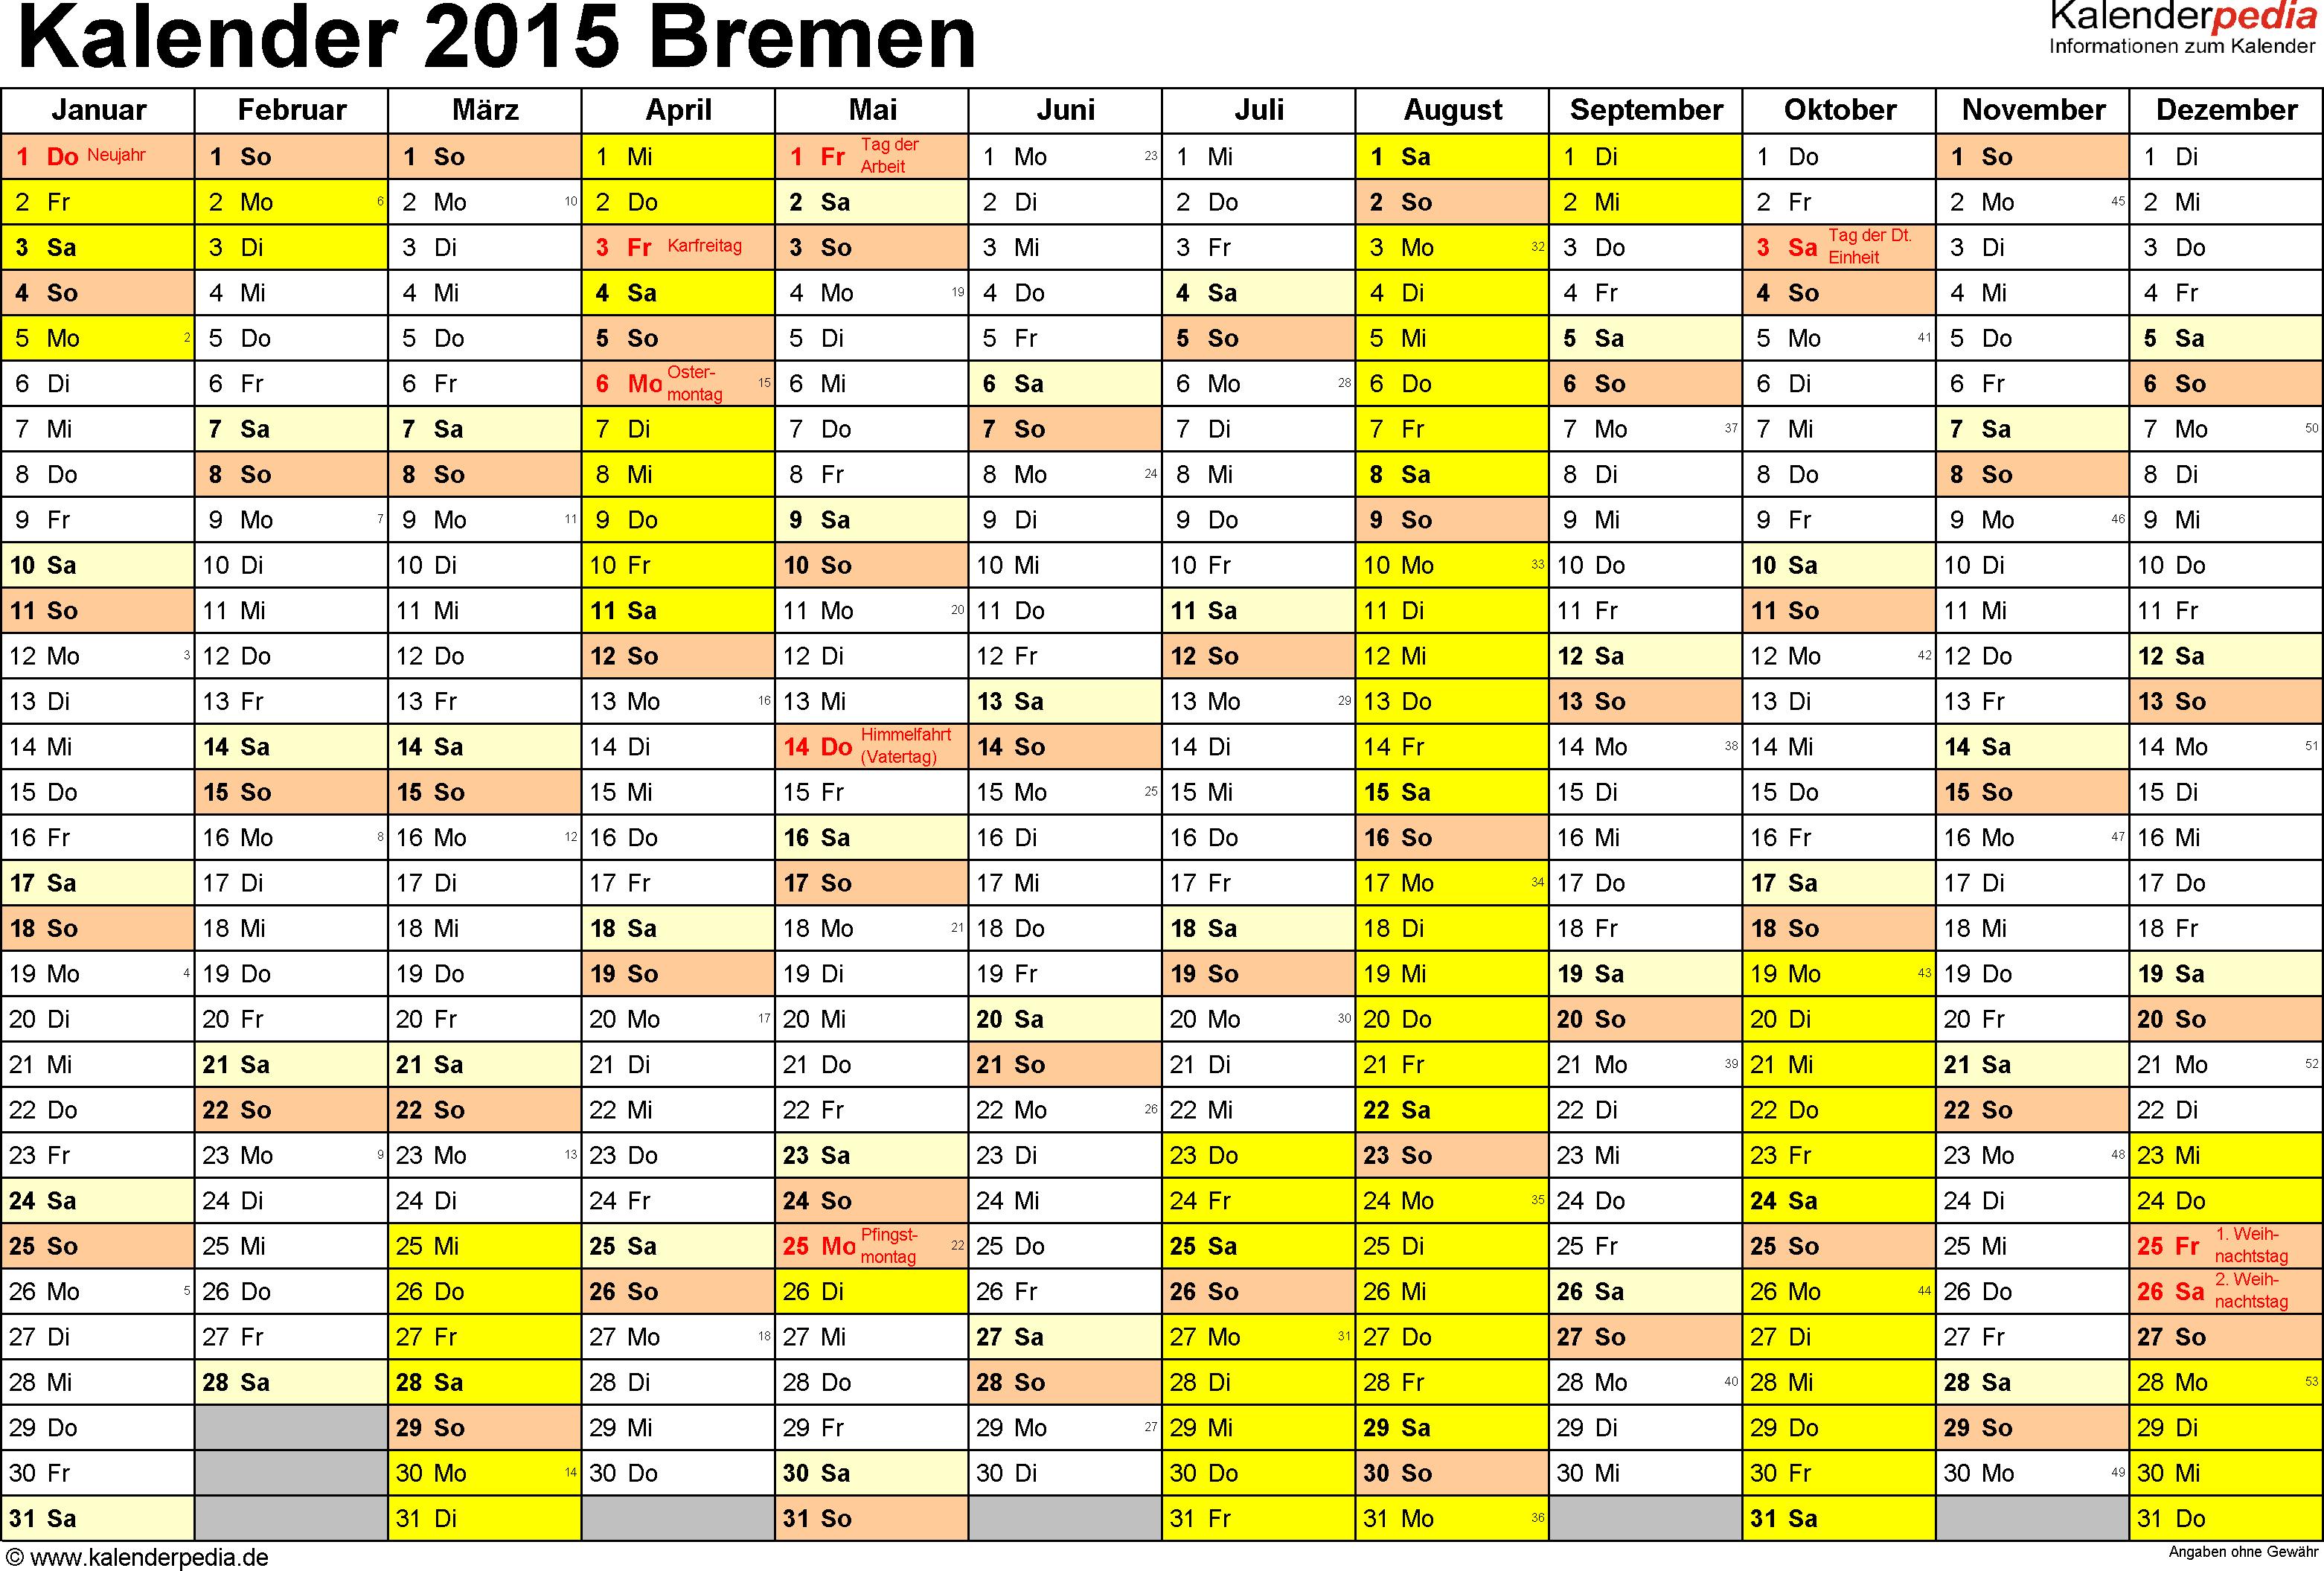 Kalender 2015 Bremen